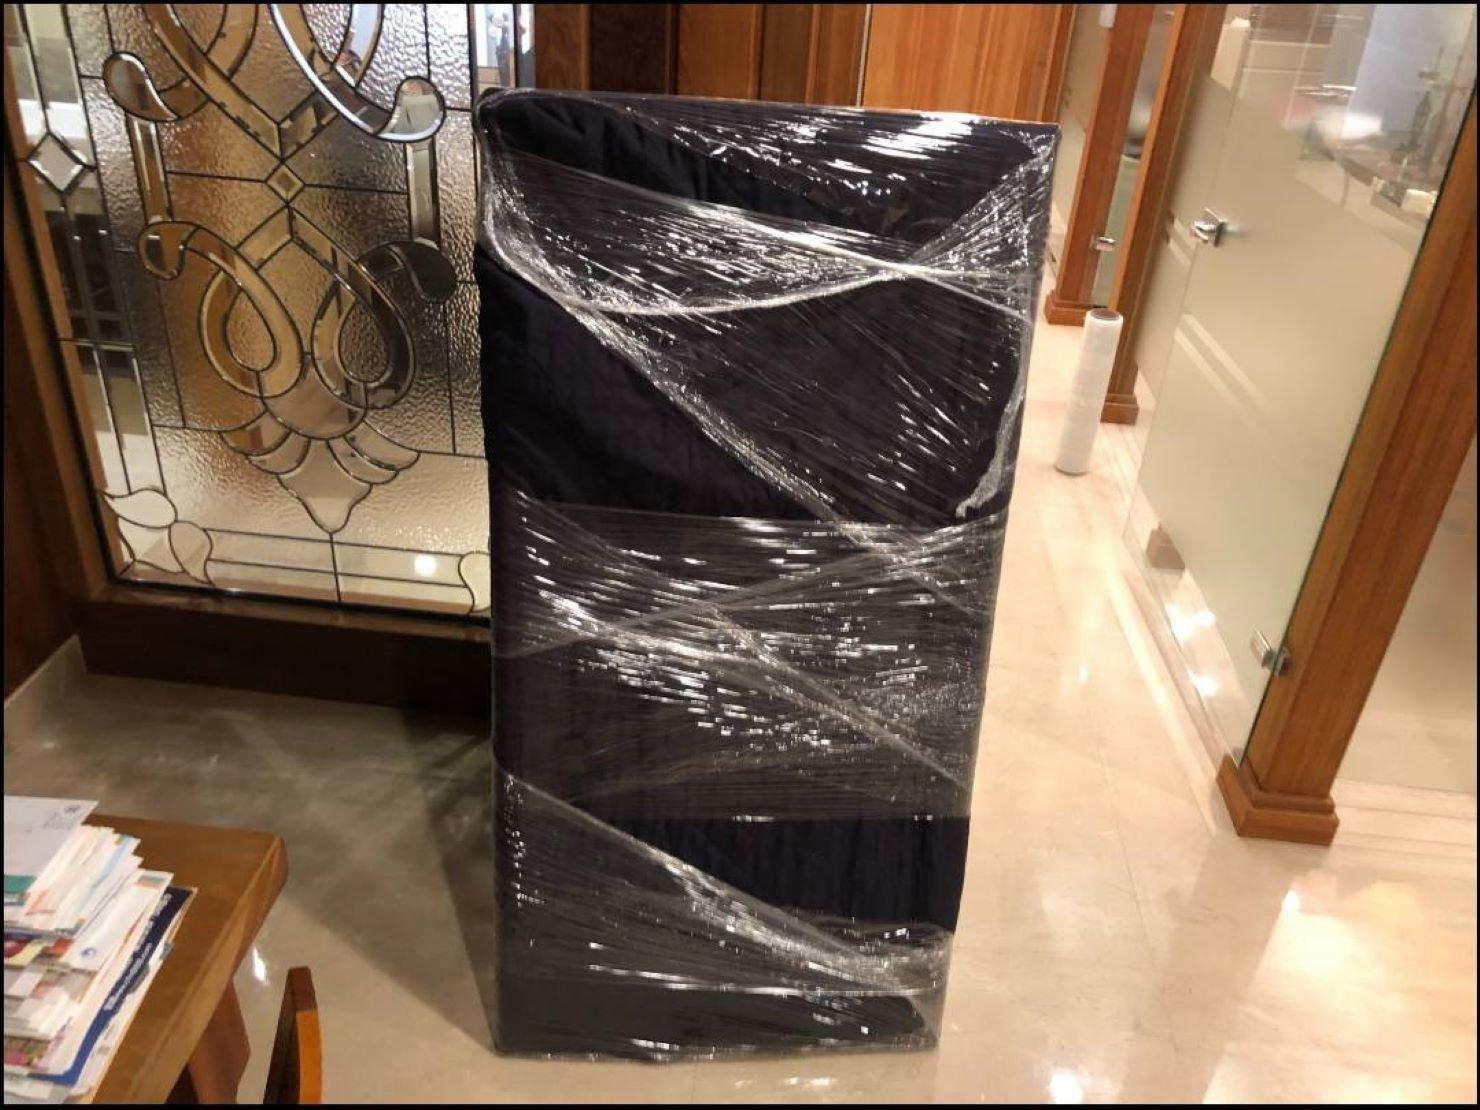 搬家公司推薦【榮福搬家】搬好家給您最有品質、最安全的搬運服務:珍貴古董畫作包裝方式-先包袱日式布套再綑上層層膠膜,防止布套滑落、防碰撞